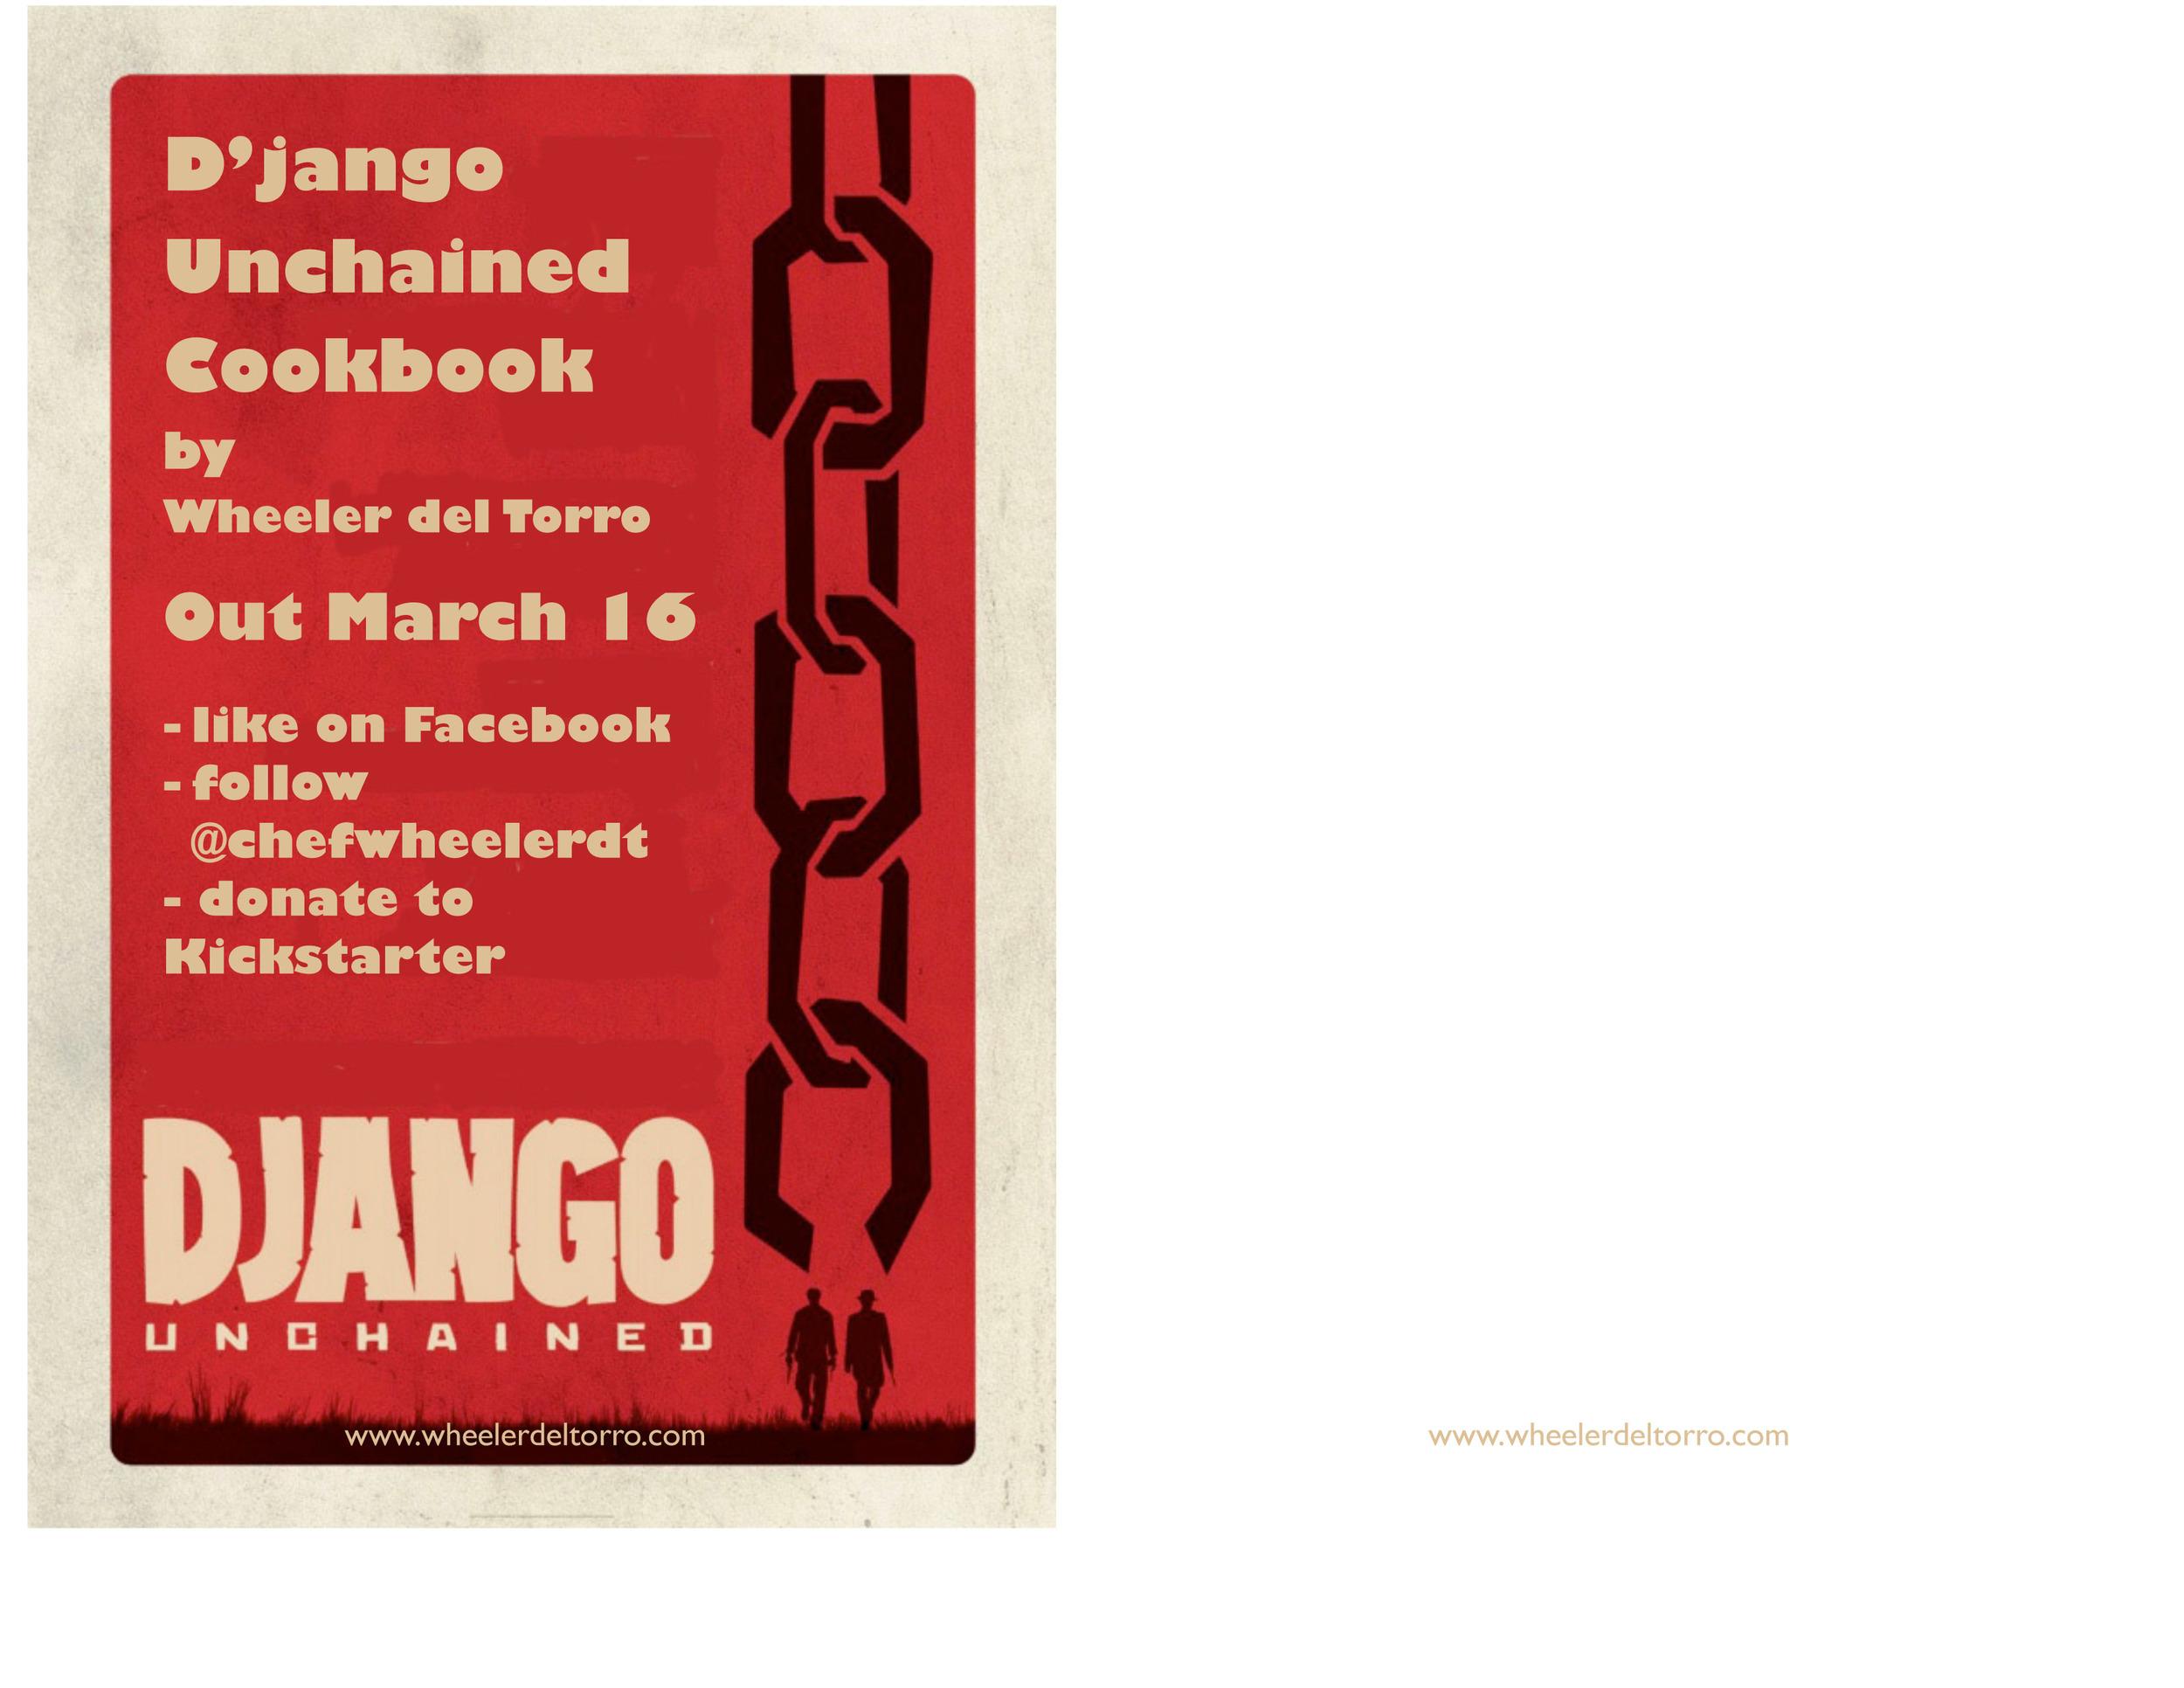 Django unchained cookbook flyer Wheeler del Torro